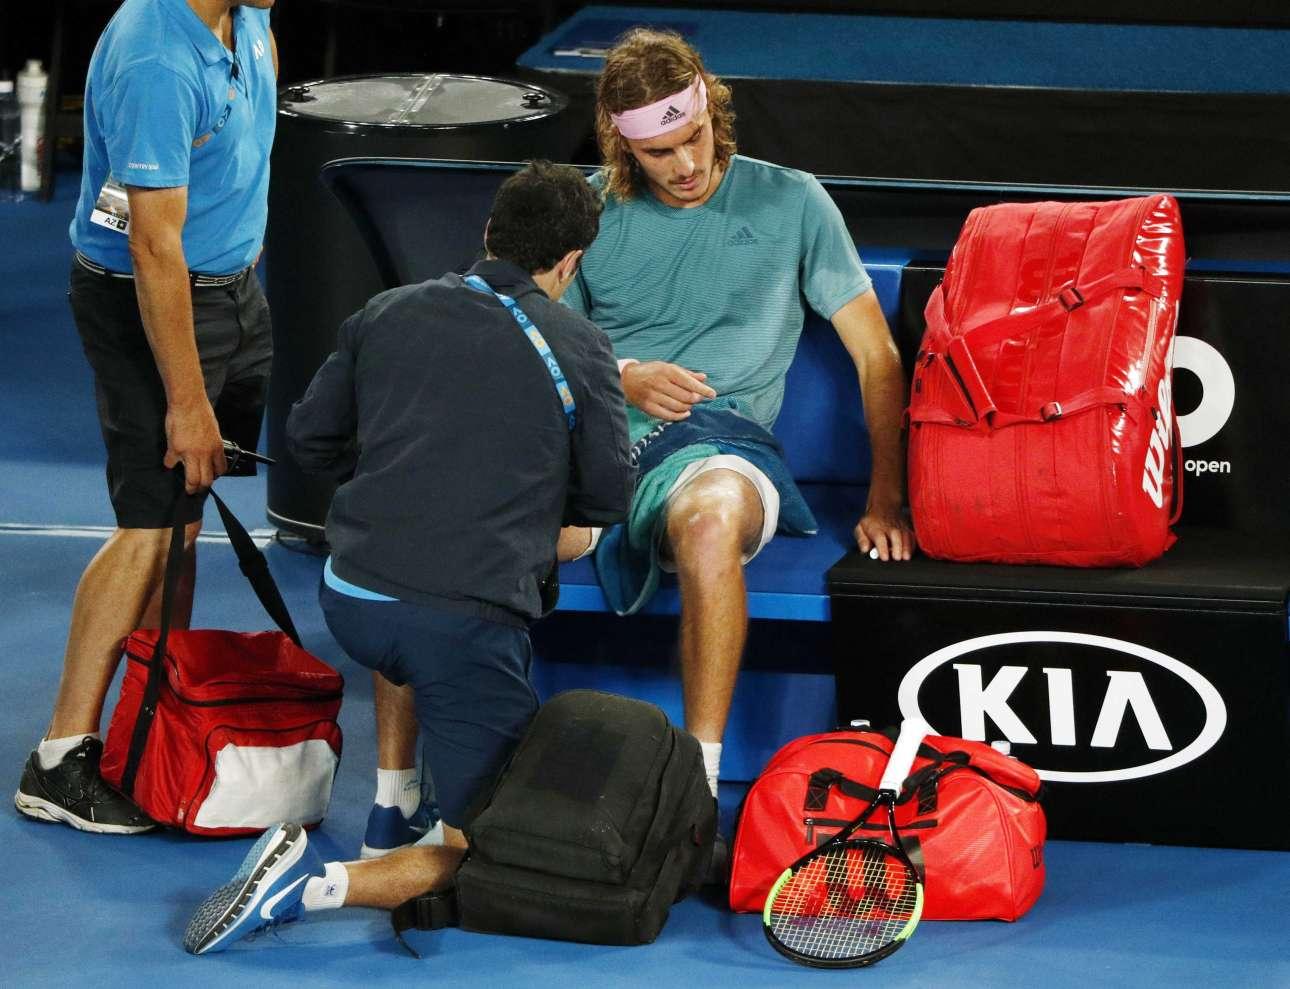 Ο Τσιτσιπάς δέχεται τις φροντίδες του γυμναστή κατά τη διάρκεια της ανάπαυλας